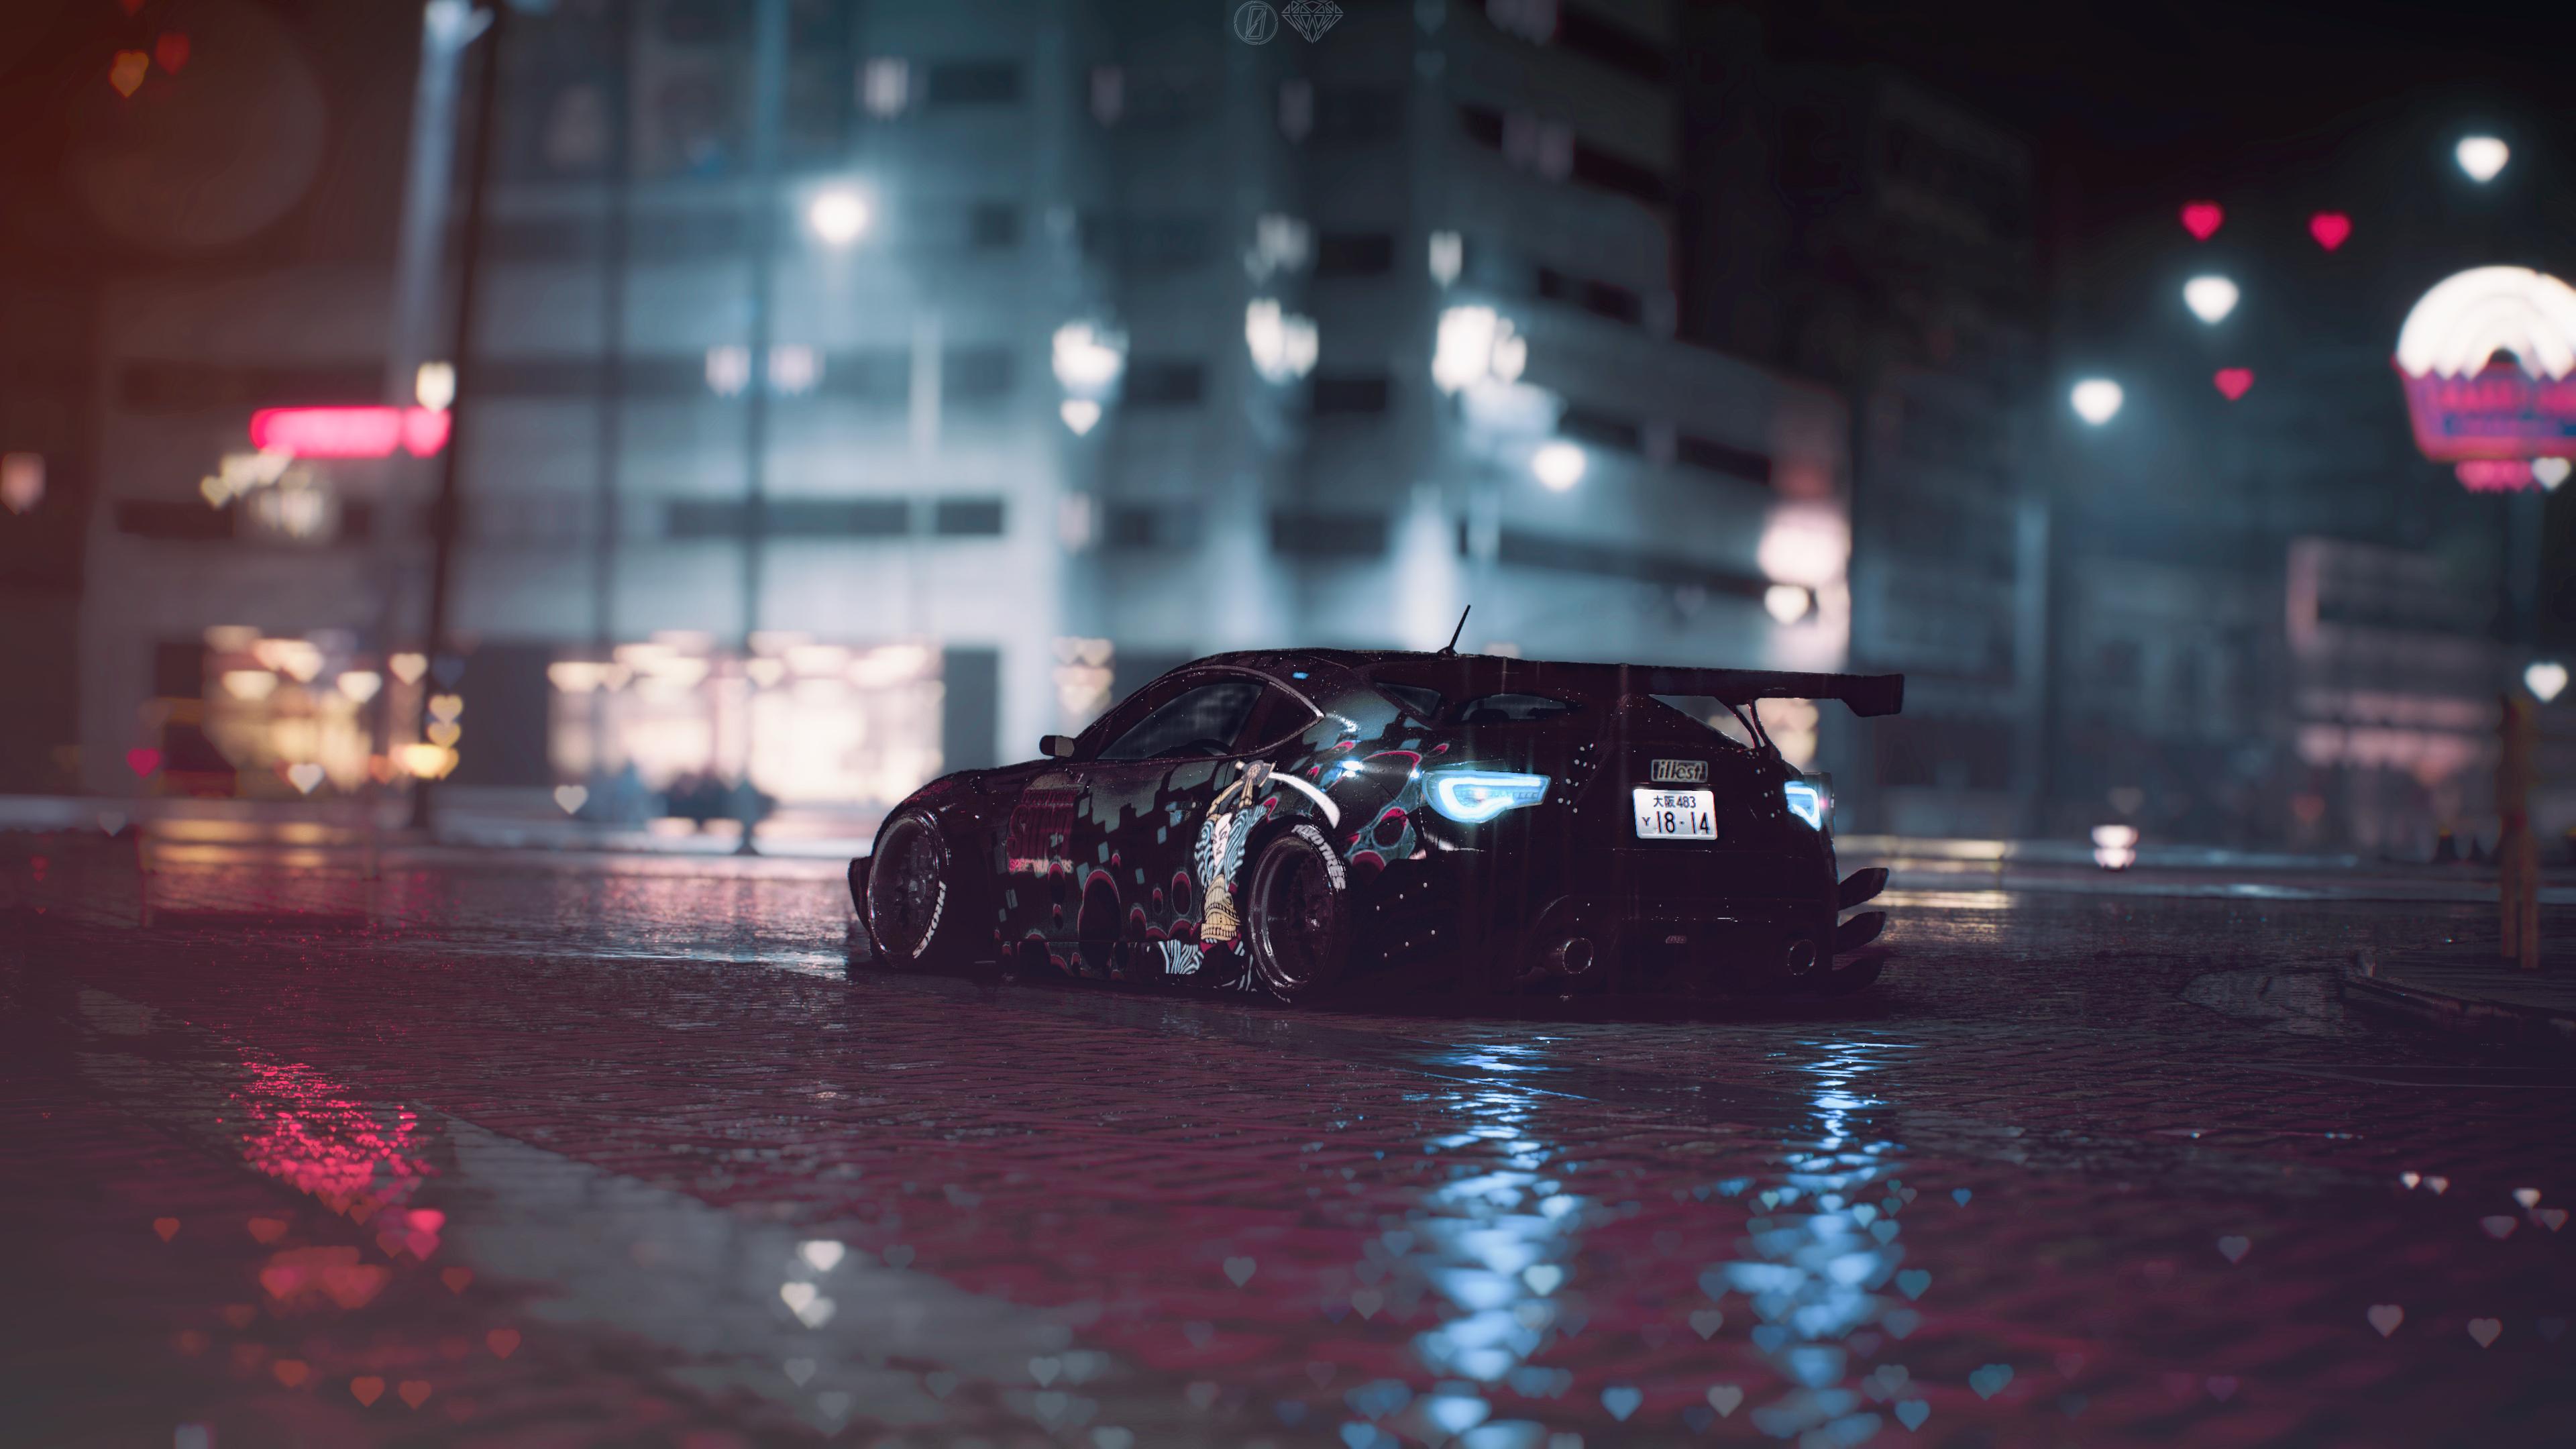 """Subaru BRZ """"Neon Samurai"""" [3840x2160] vol.1 (With images"""